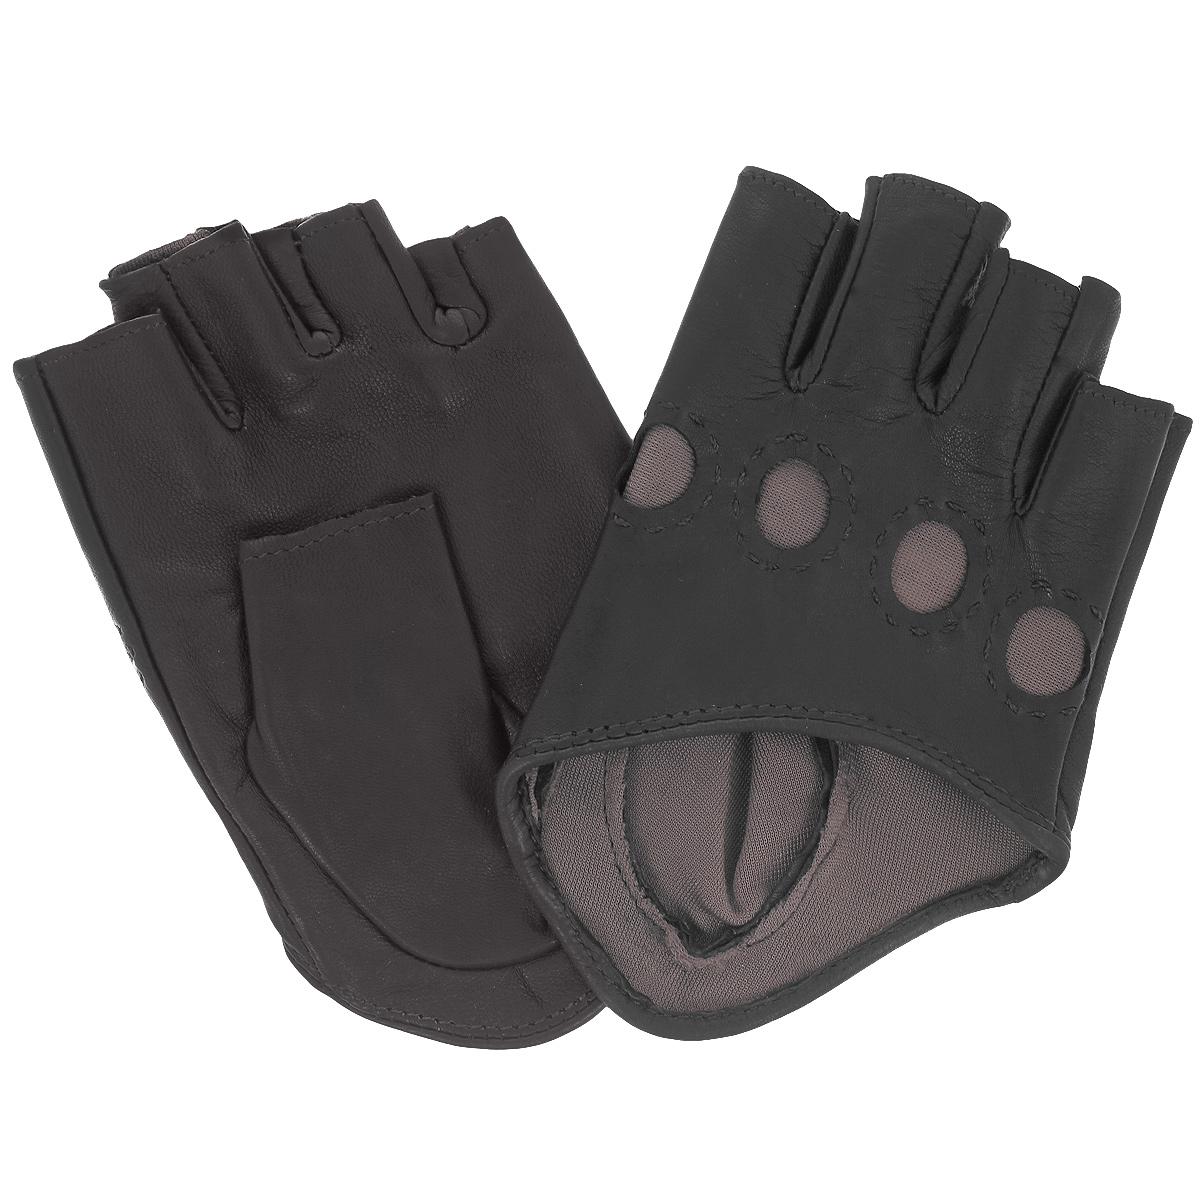 ПерчаткиK81-IA0,5/BL.BRСтильные автомобильные перчатки Michel Katana выполнены из мягкой и приятной на ощупь натуральной кожи ягненка с шелковой подкладкой. Модель с открытыми пальцами. Перчатки оформлены круглыми прорезями на косточках. Такие перчатки подчеркнут ваш стиль и неповторимость.